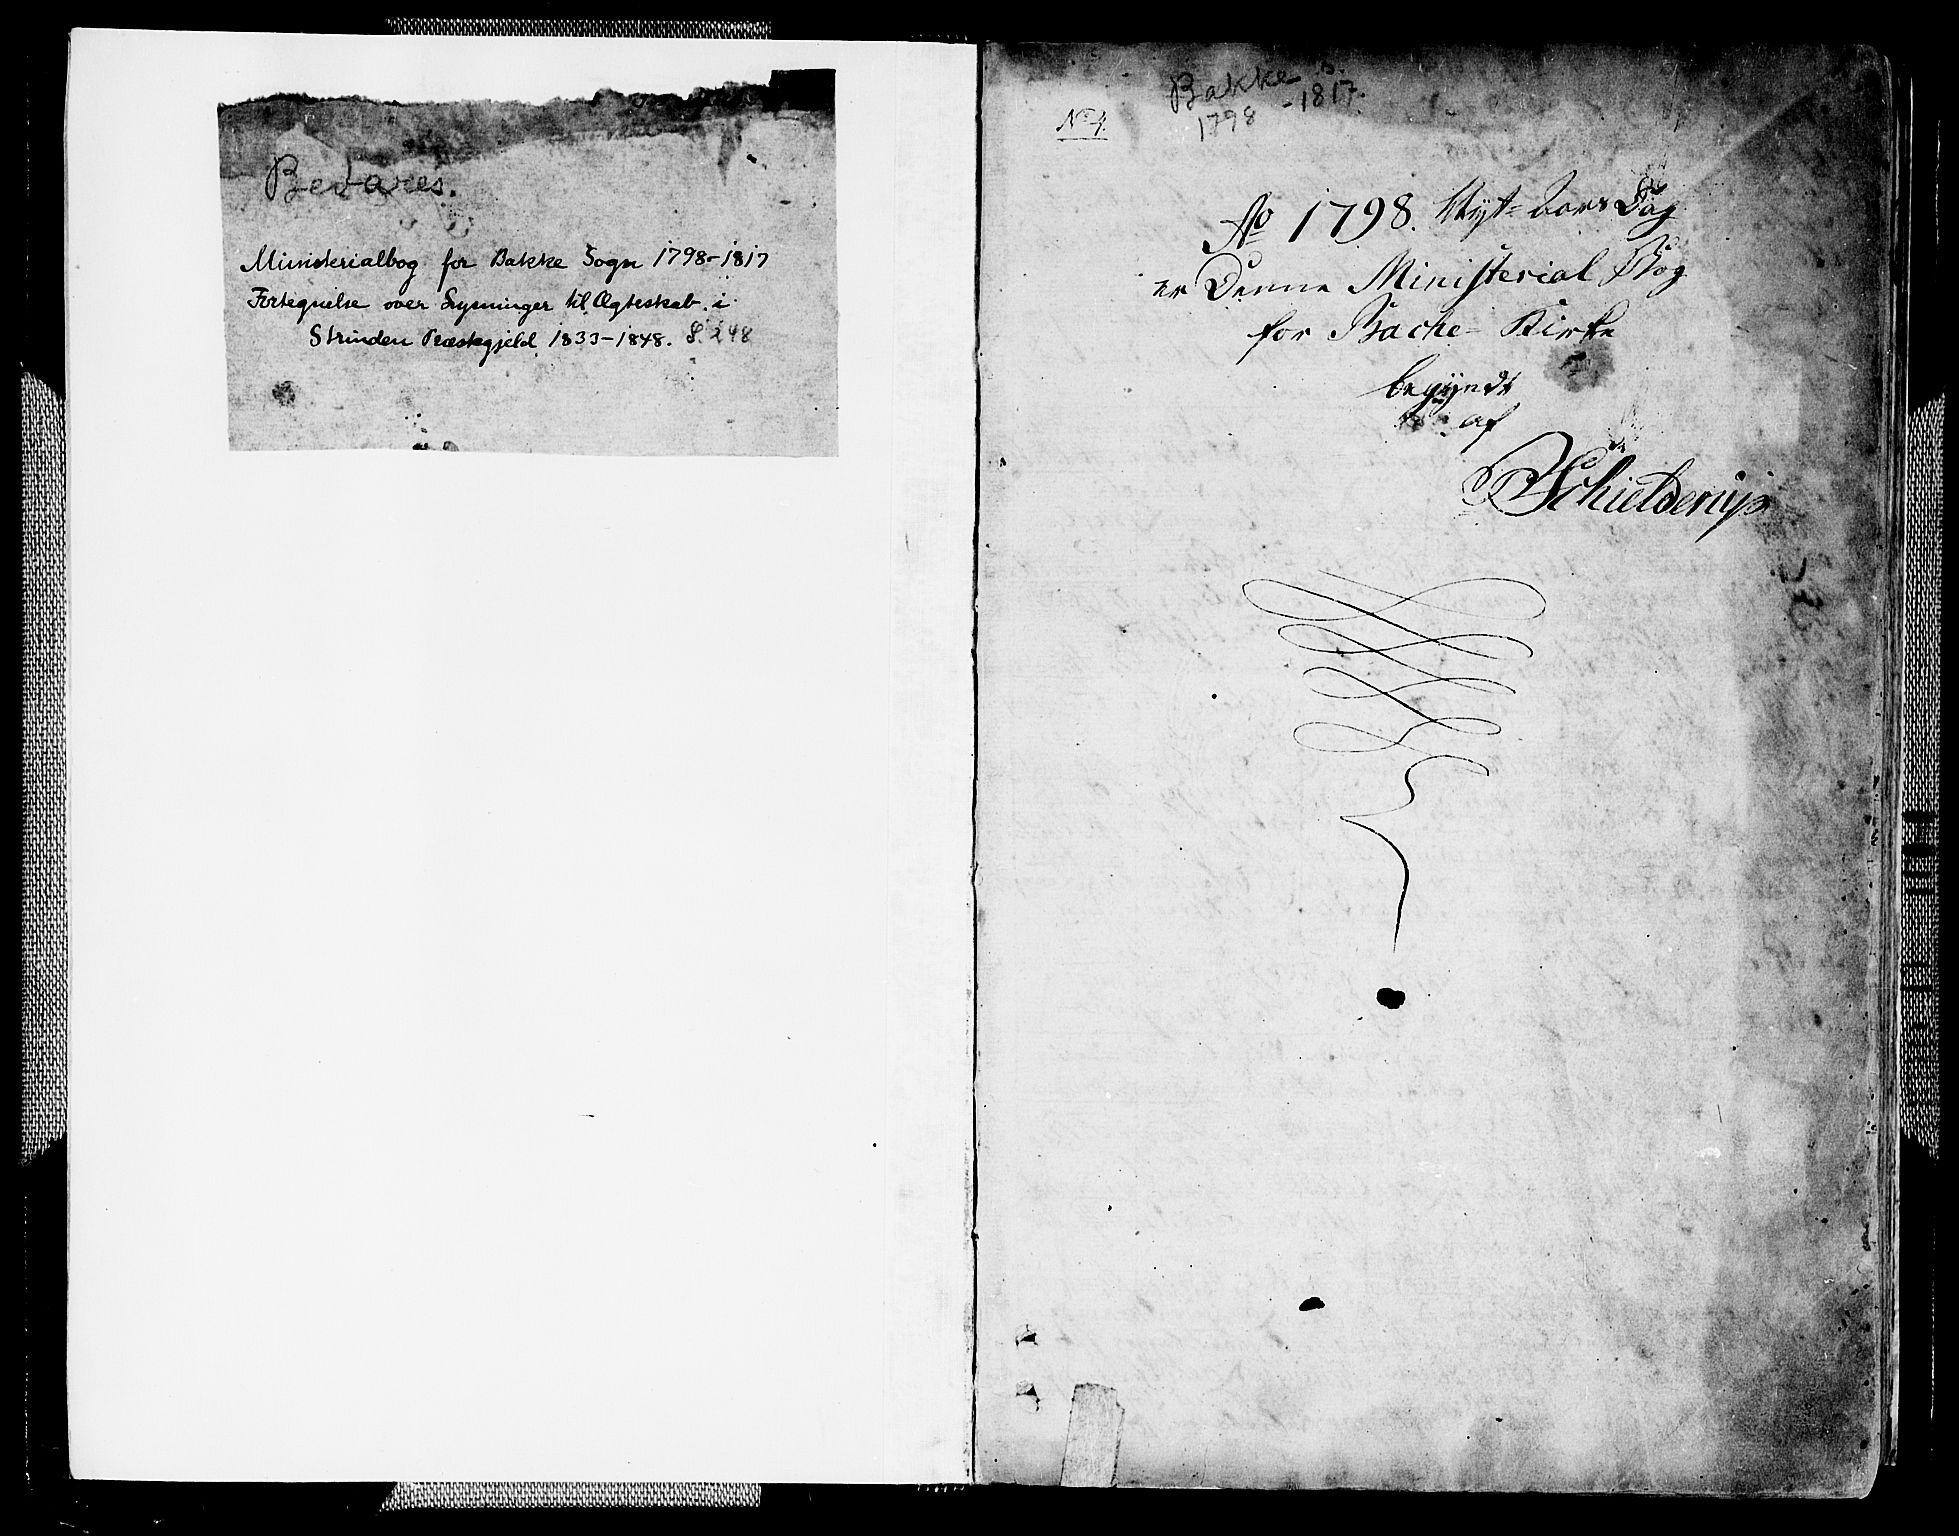 SAT, Ministerialprotokoller, klokkerbøker og fødselsregistre - Sør-Trøndelag, 604/L0181: Ministerialbok nr. 604A02, 1798-1817, s. 0-1